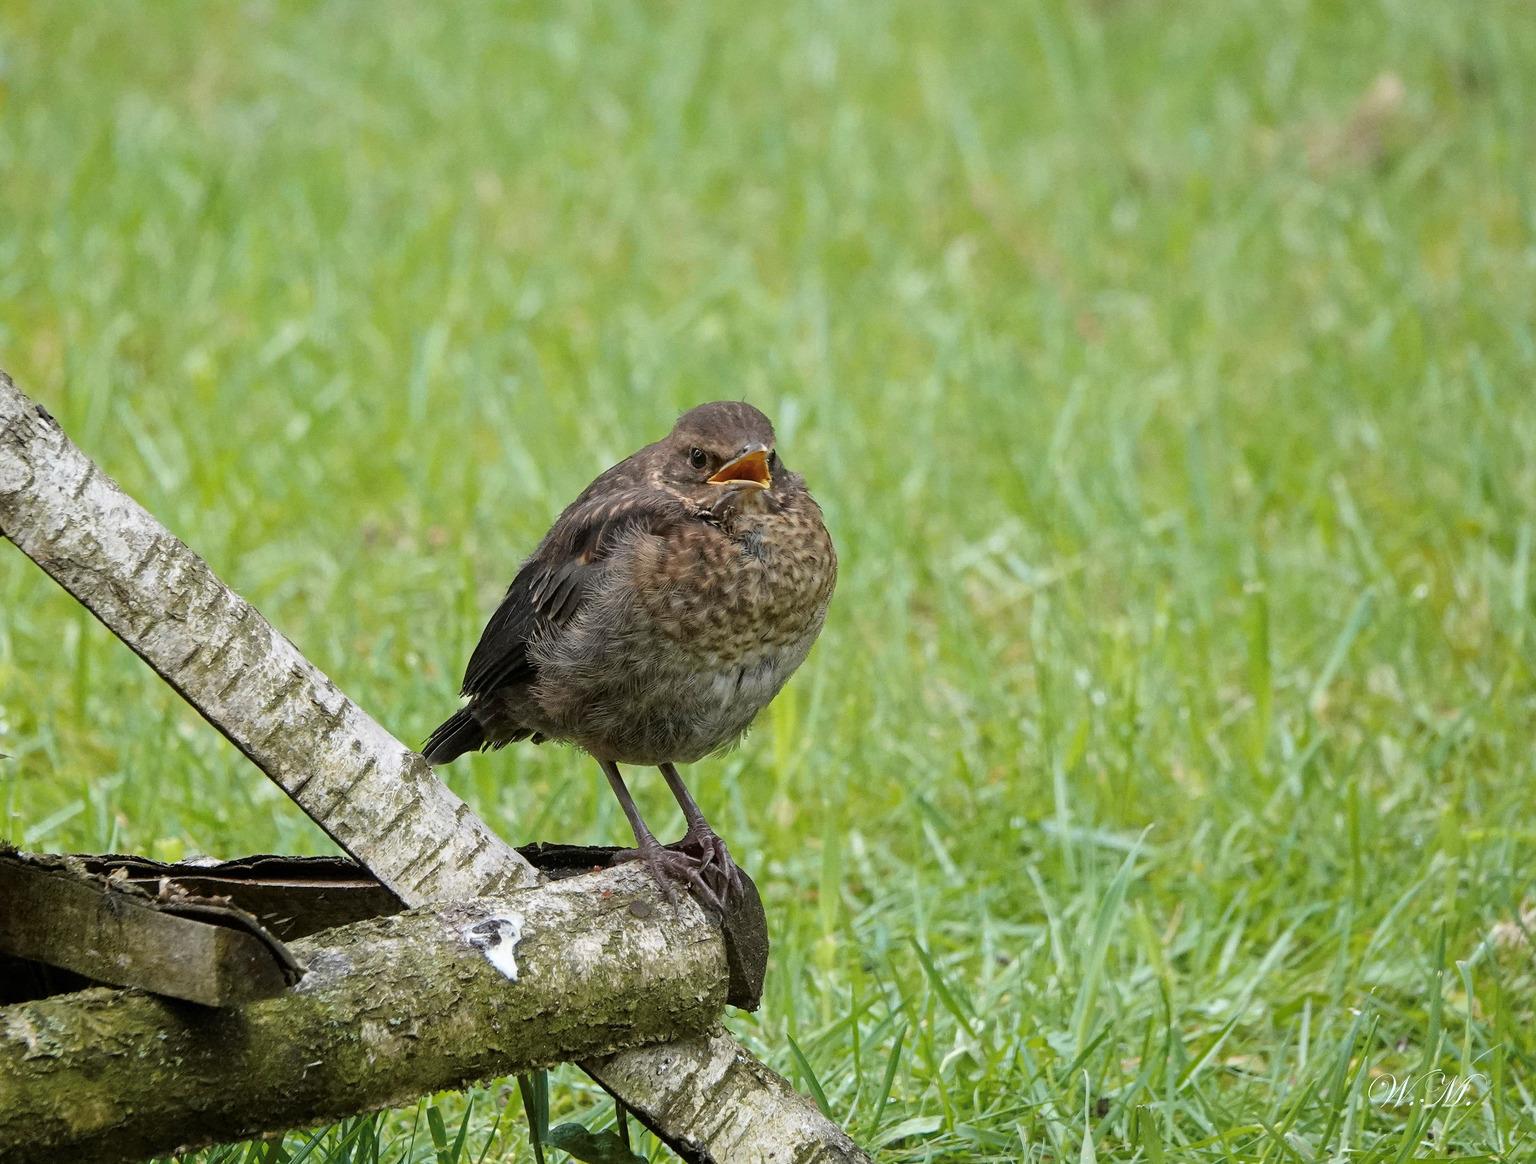 Jonge merel! - Deze jonge merel huppelde rond in de tuin wachtend op wat lekkers! - foto door WMeijerink op 05-05-2021 - deze foto bevat: vogels, merel, indetuin, natuur, natuurfotografie, vogel, bek, gras, veer, fabriek, terrestrische dieren, zangvogel, grasland, neerstekende vogel, prairie